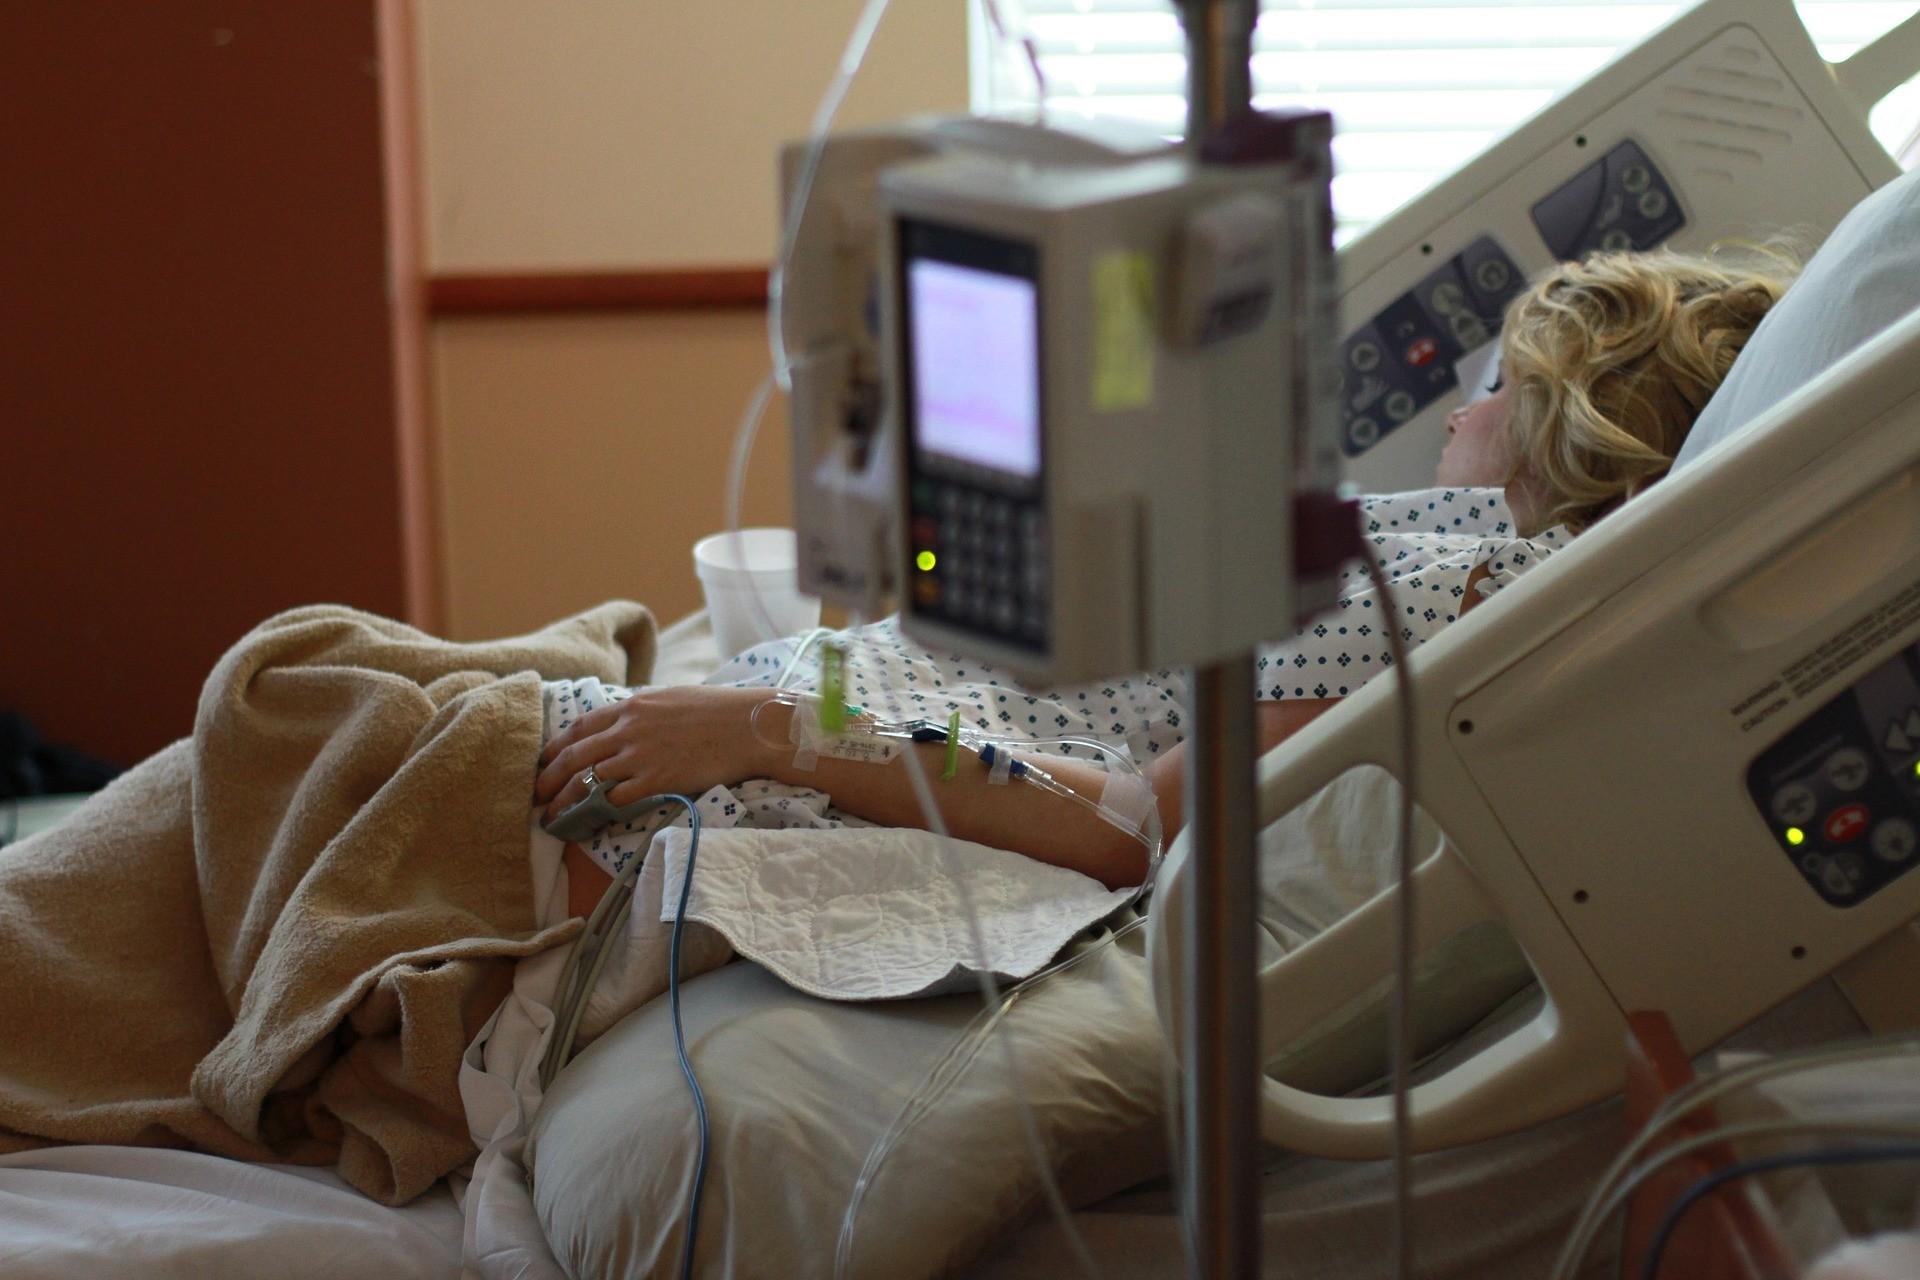 Карательная гинекология: 5 реальных историй, как женщин унижают в российских роддомах